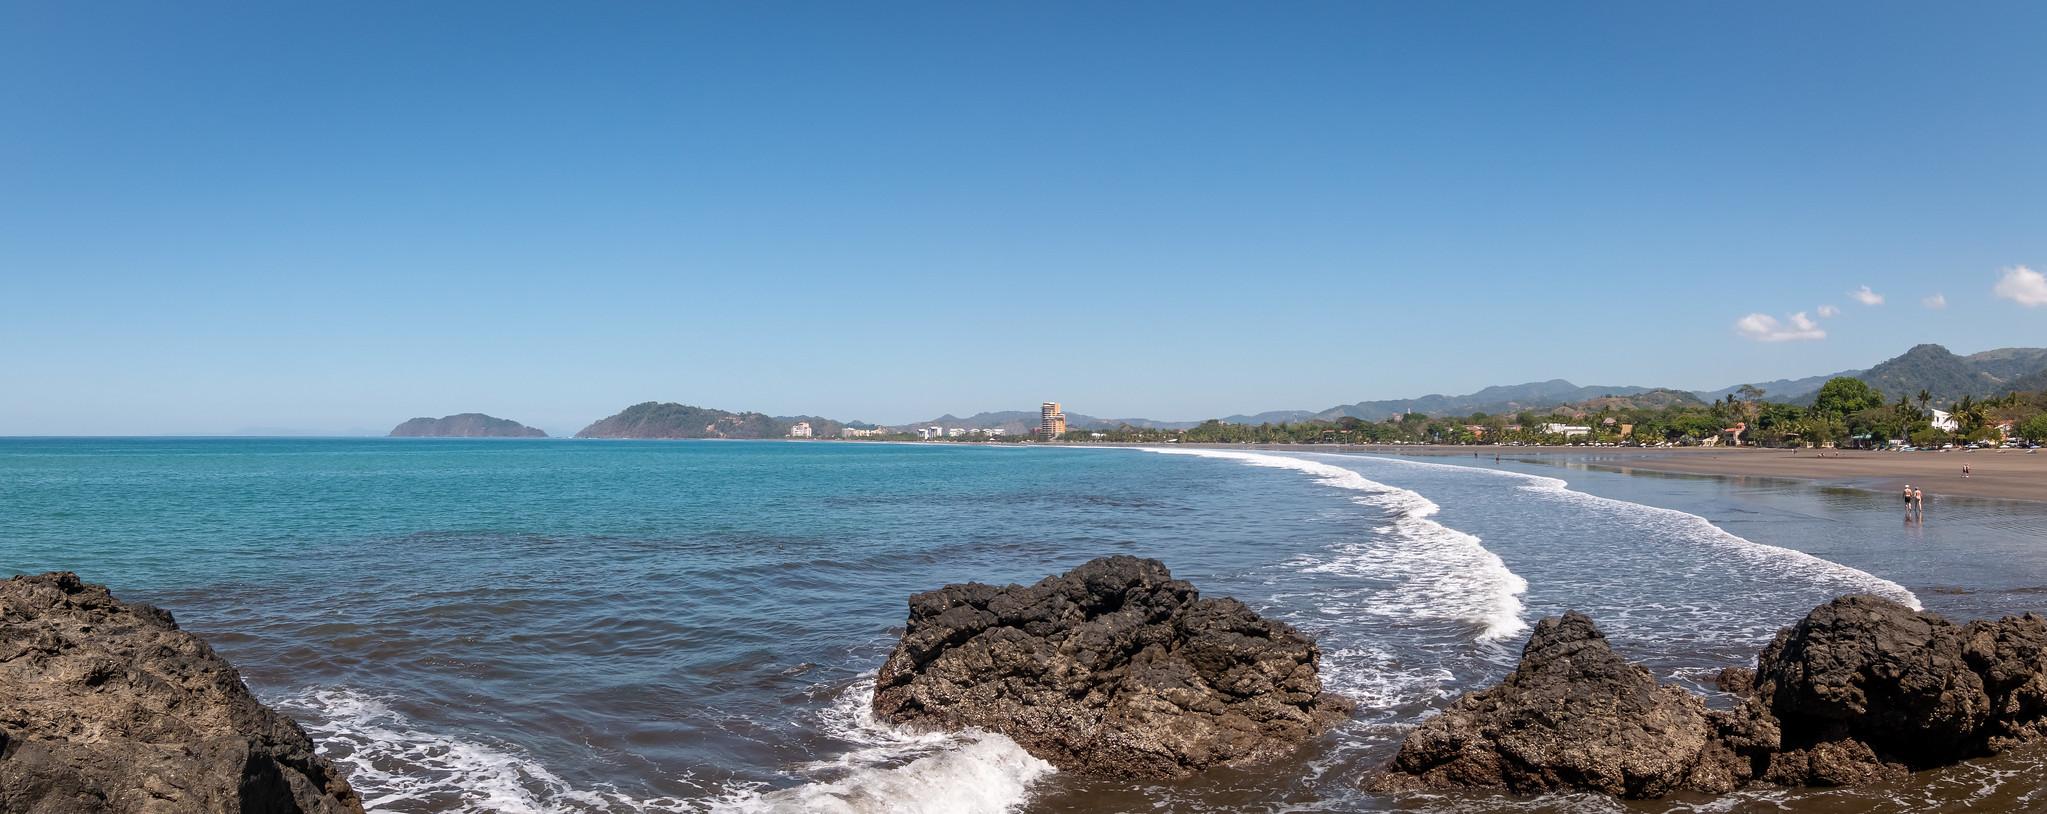 Jaco - [Costa Rica]